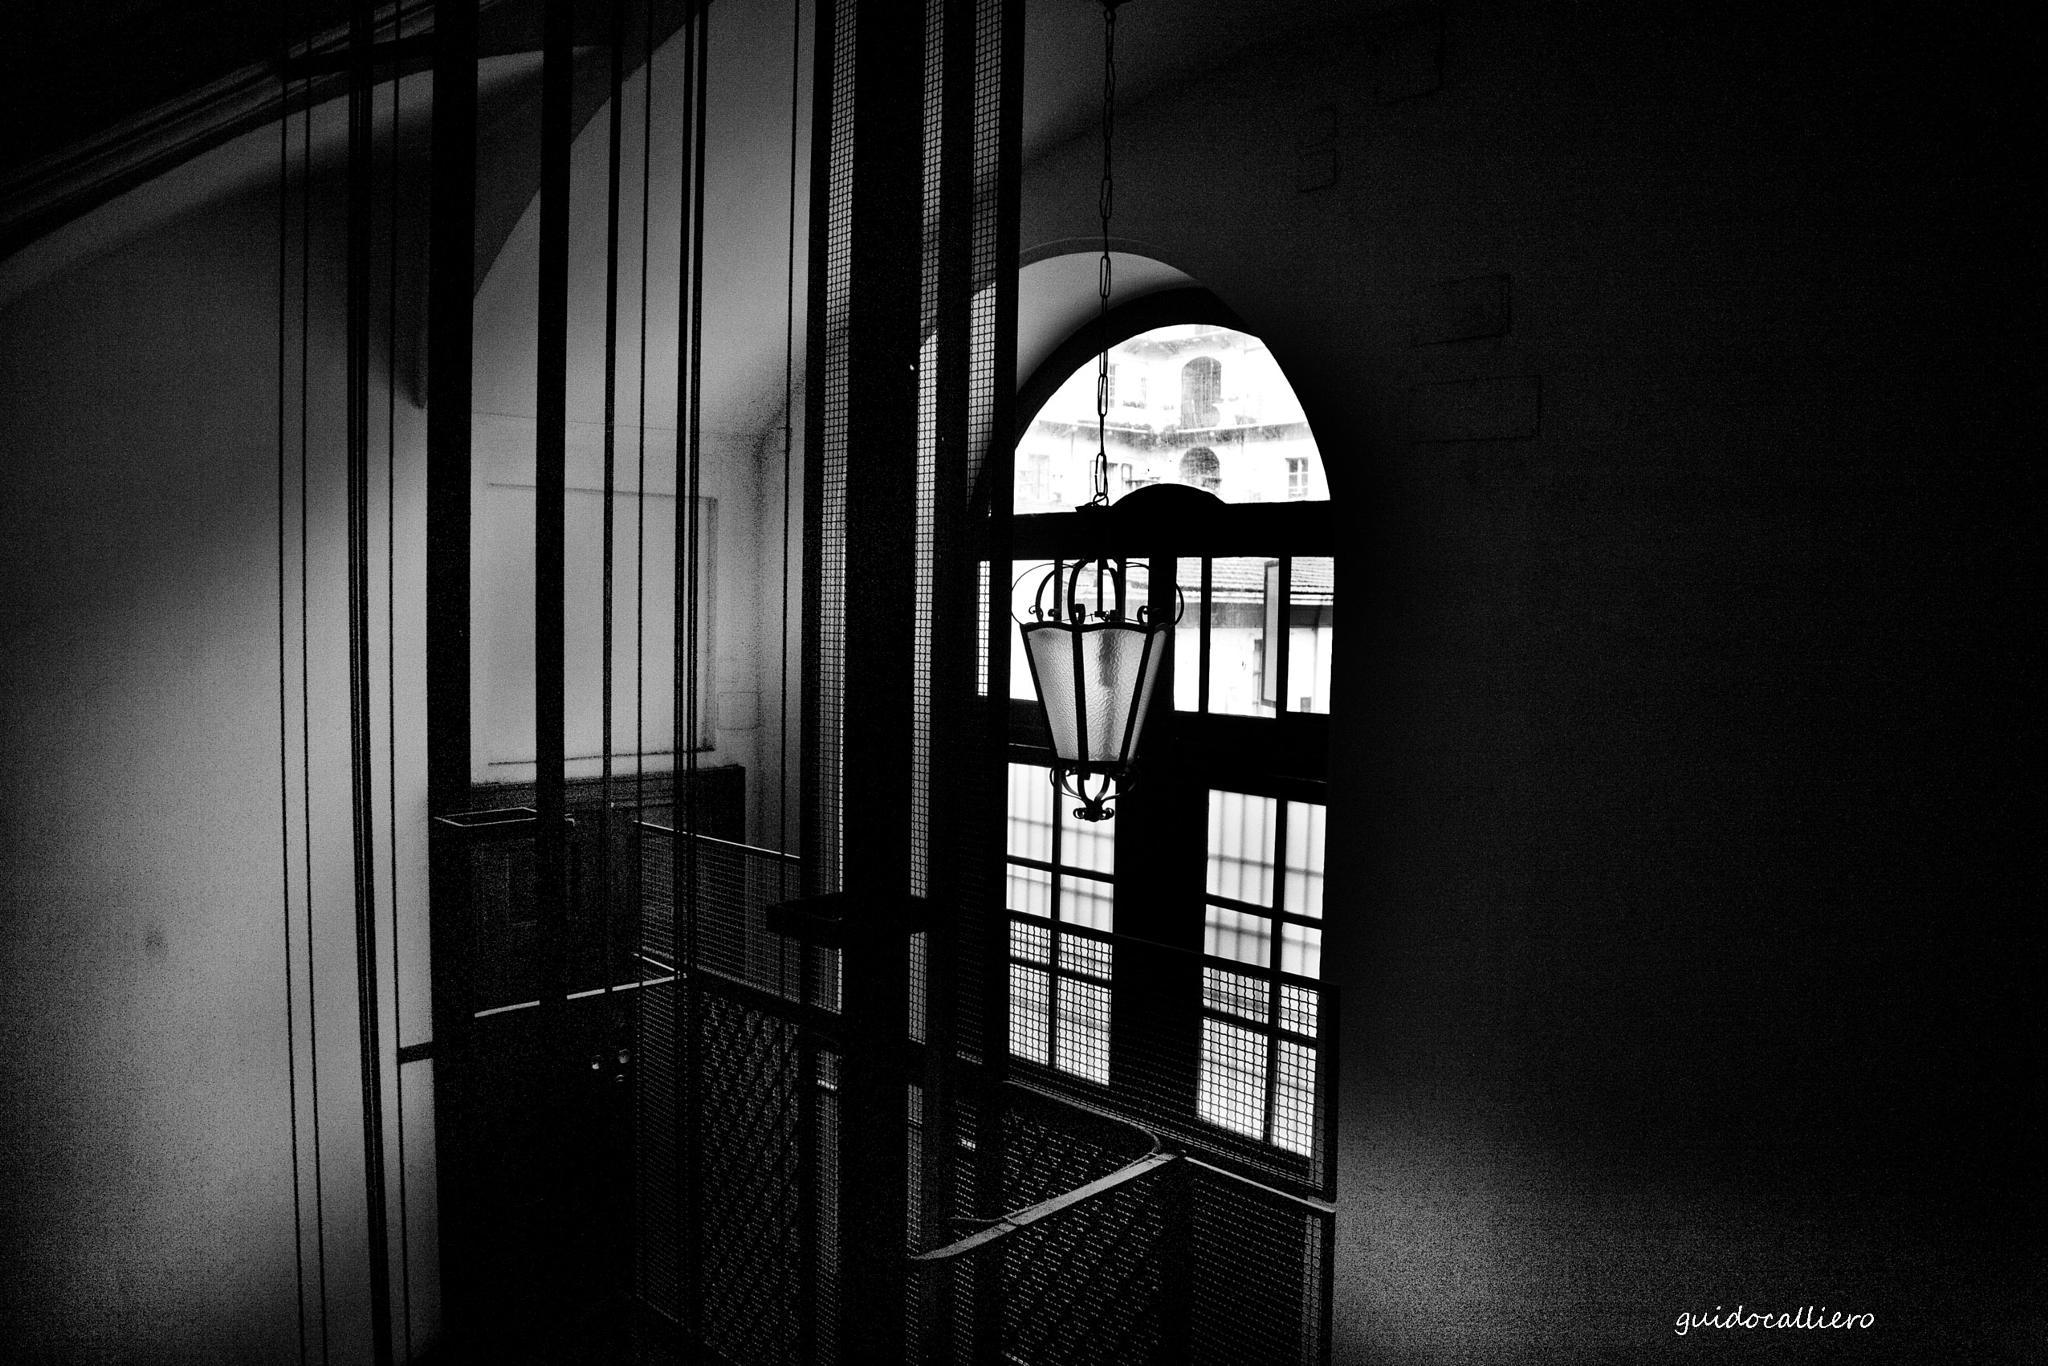 Tagli di luce 9 - Guido Calliero by IMMAGINANDO